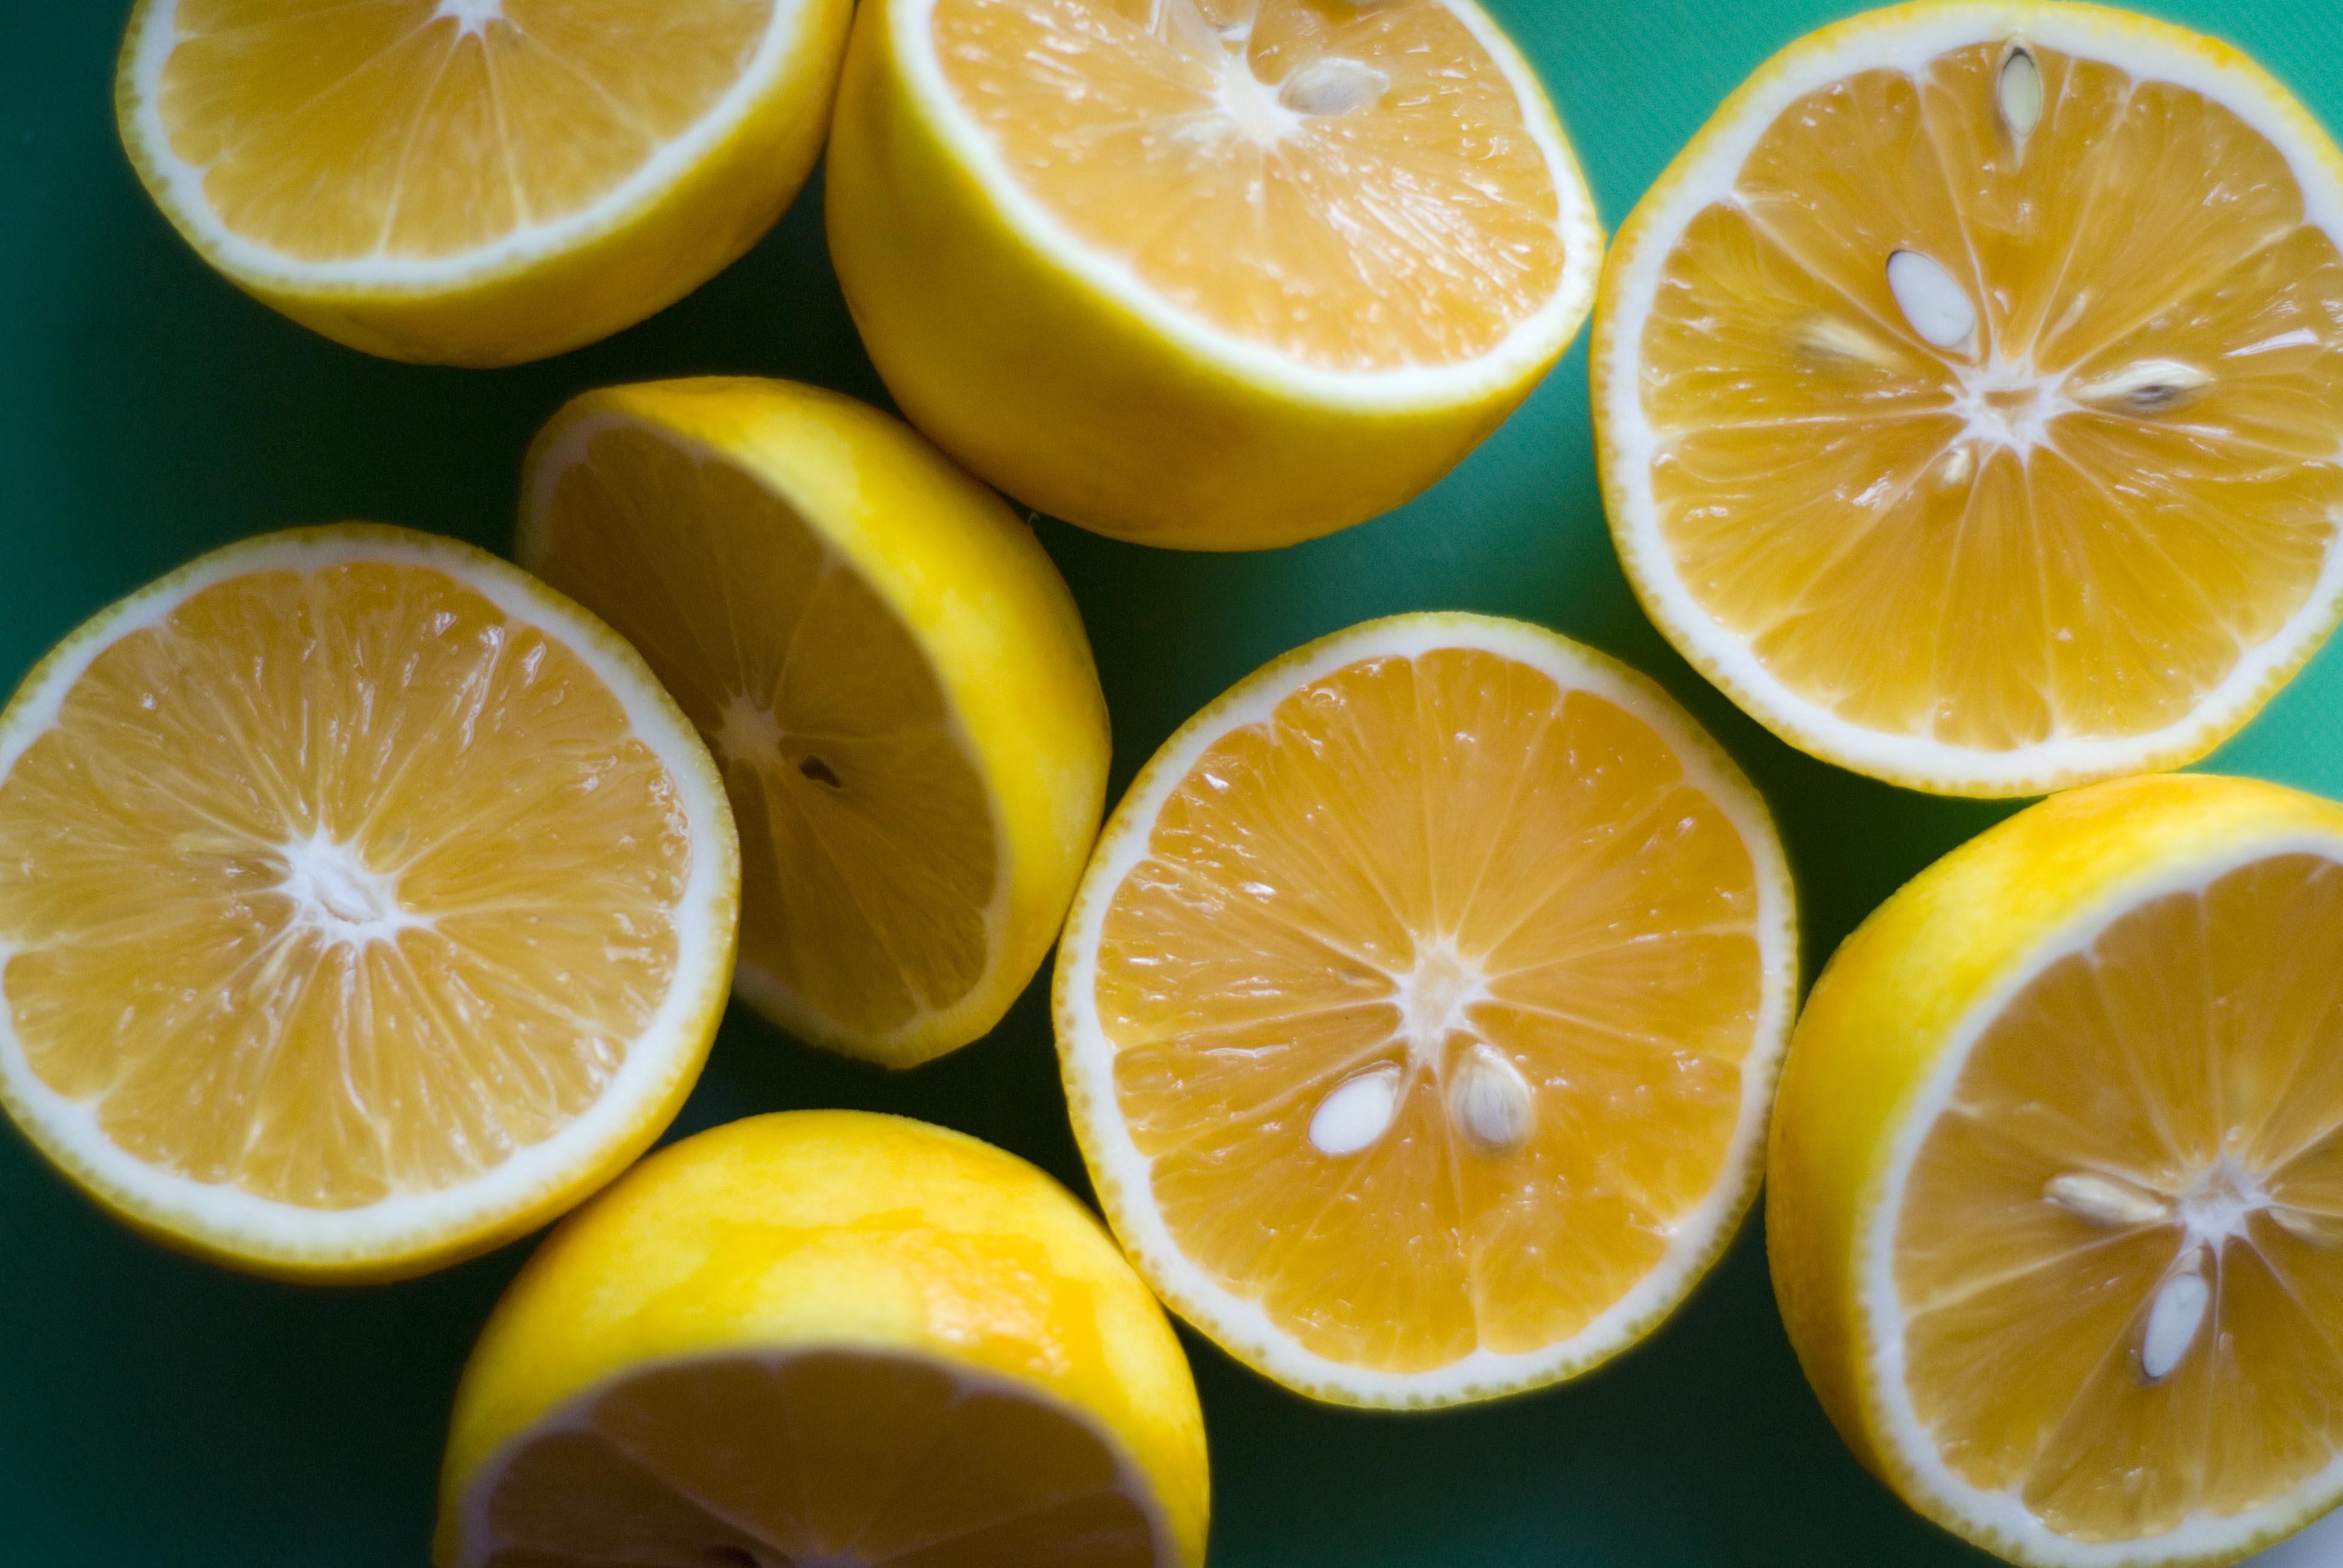 http://www.101herbs.com/blog/wp-content/uploads/2013/02/Lemon-Essential-Oil.jpg